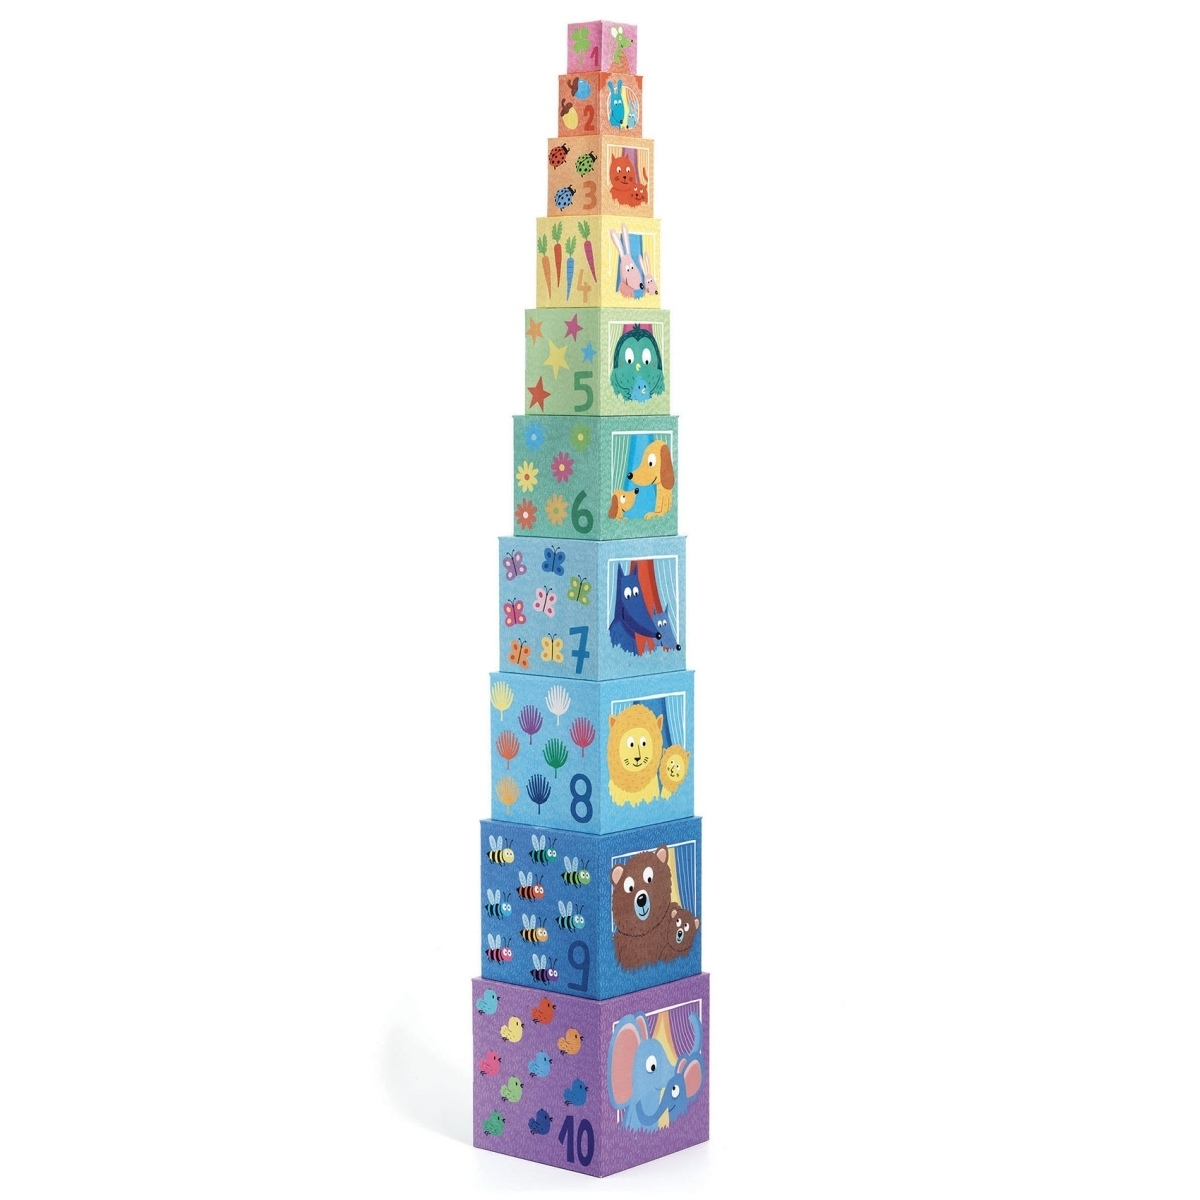 Djeco Stapelturm Regenbogen ab 1 Jahr